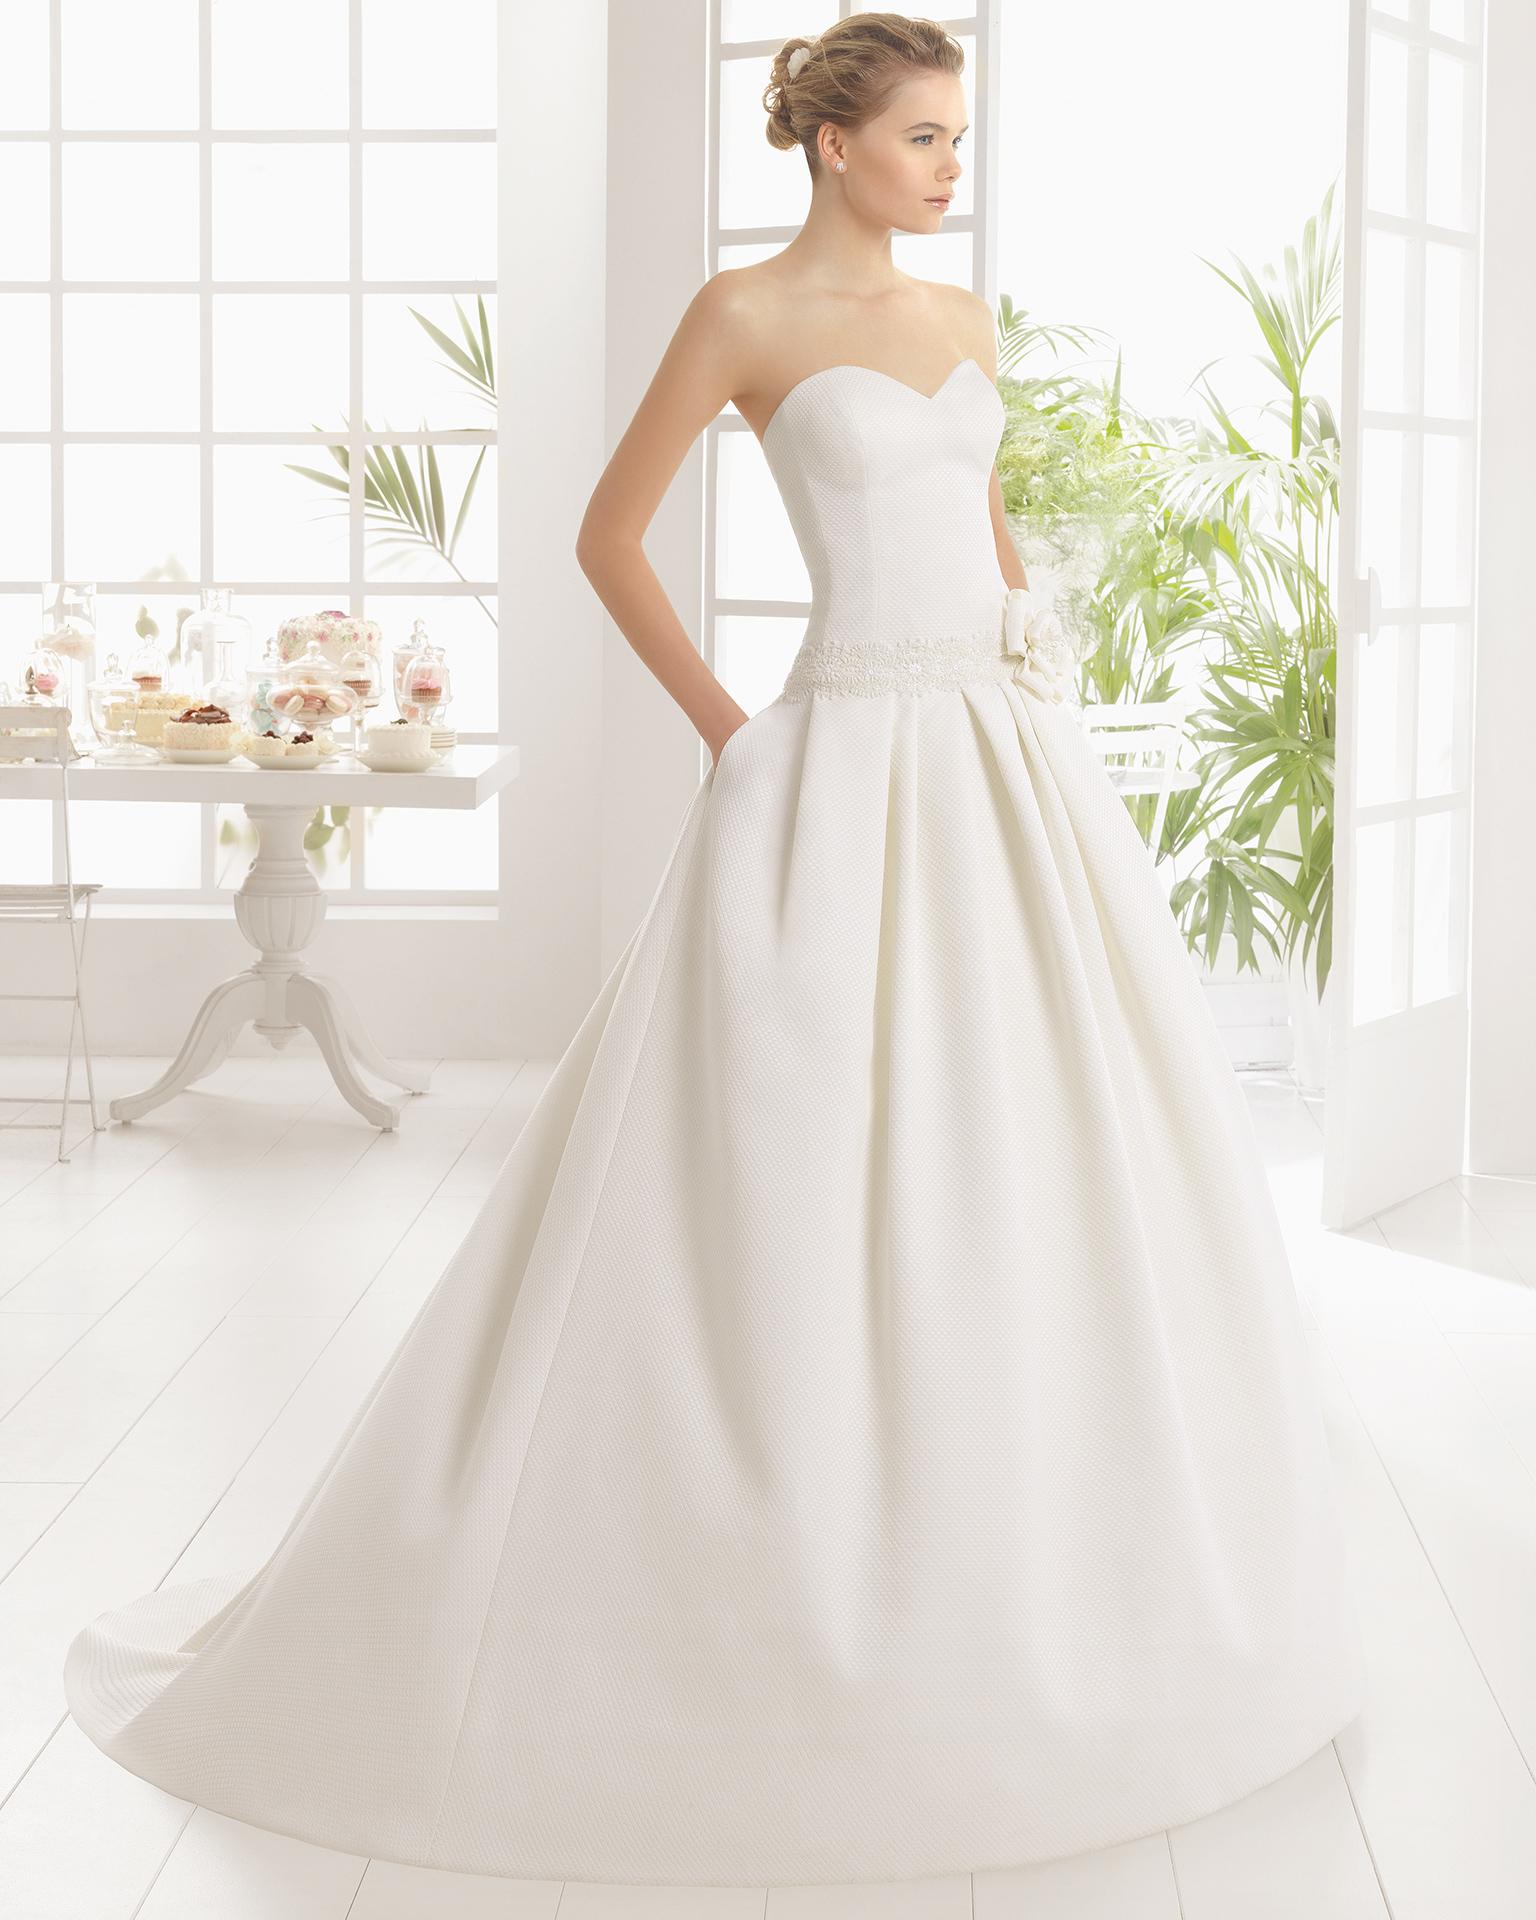 Robe de mariée MILAN en piqué avec pierreries.